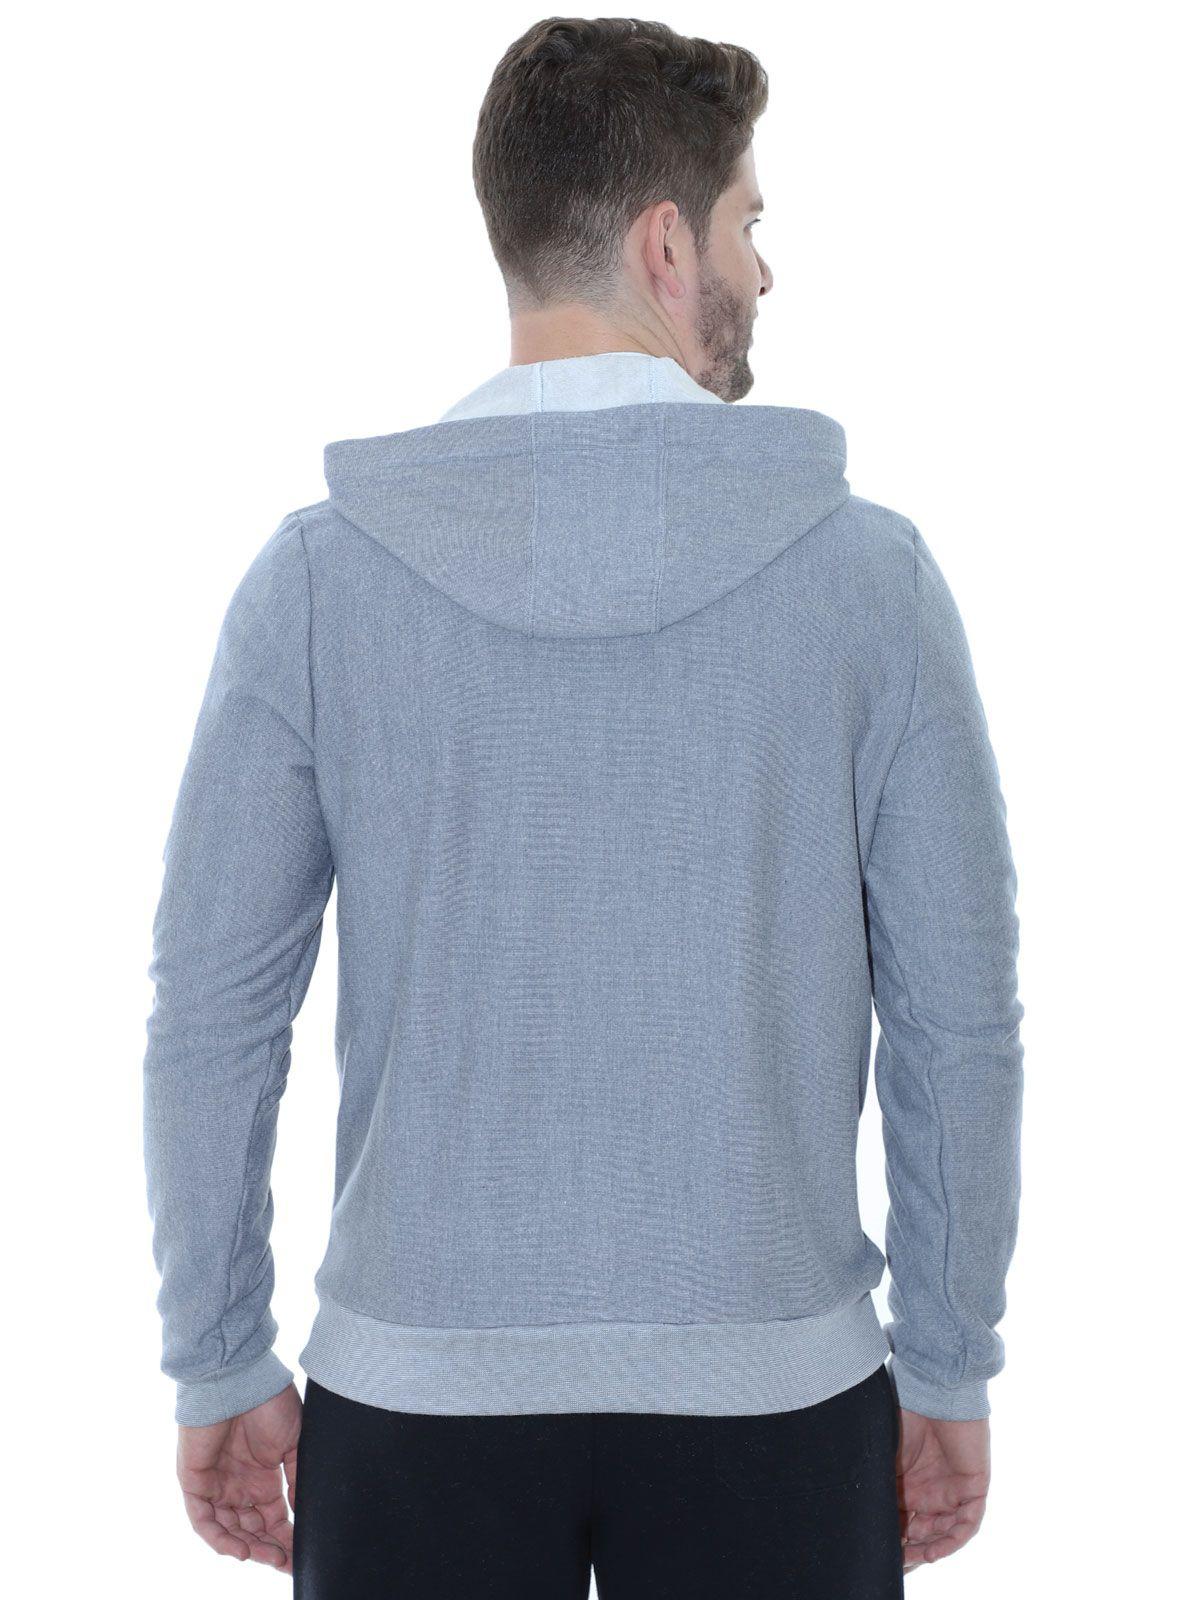 Blusa de Moletom com Capuz Felpado Azul Jeans